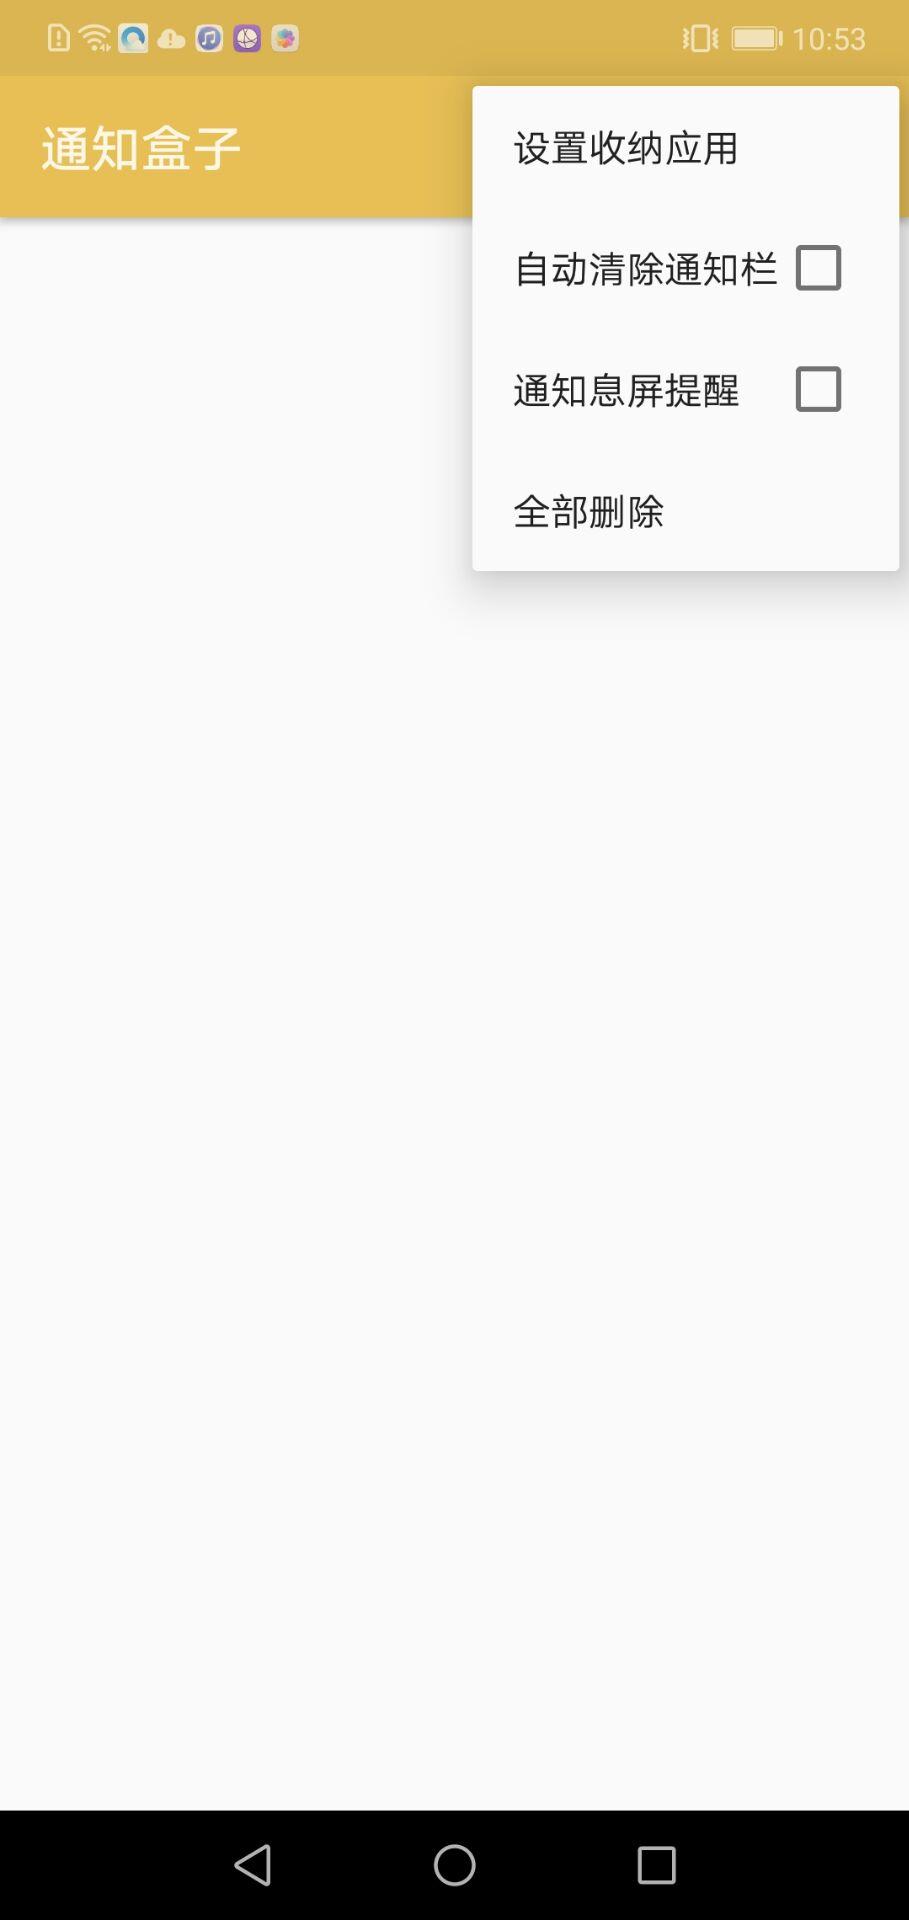 【资源分享】通知盒子-爱小助